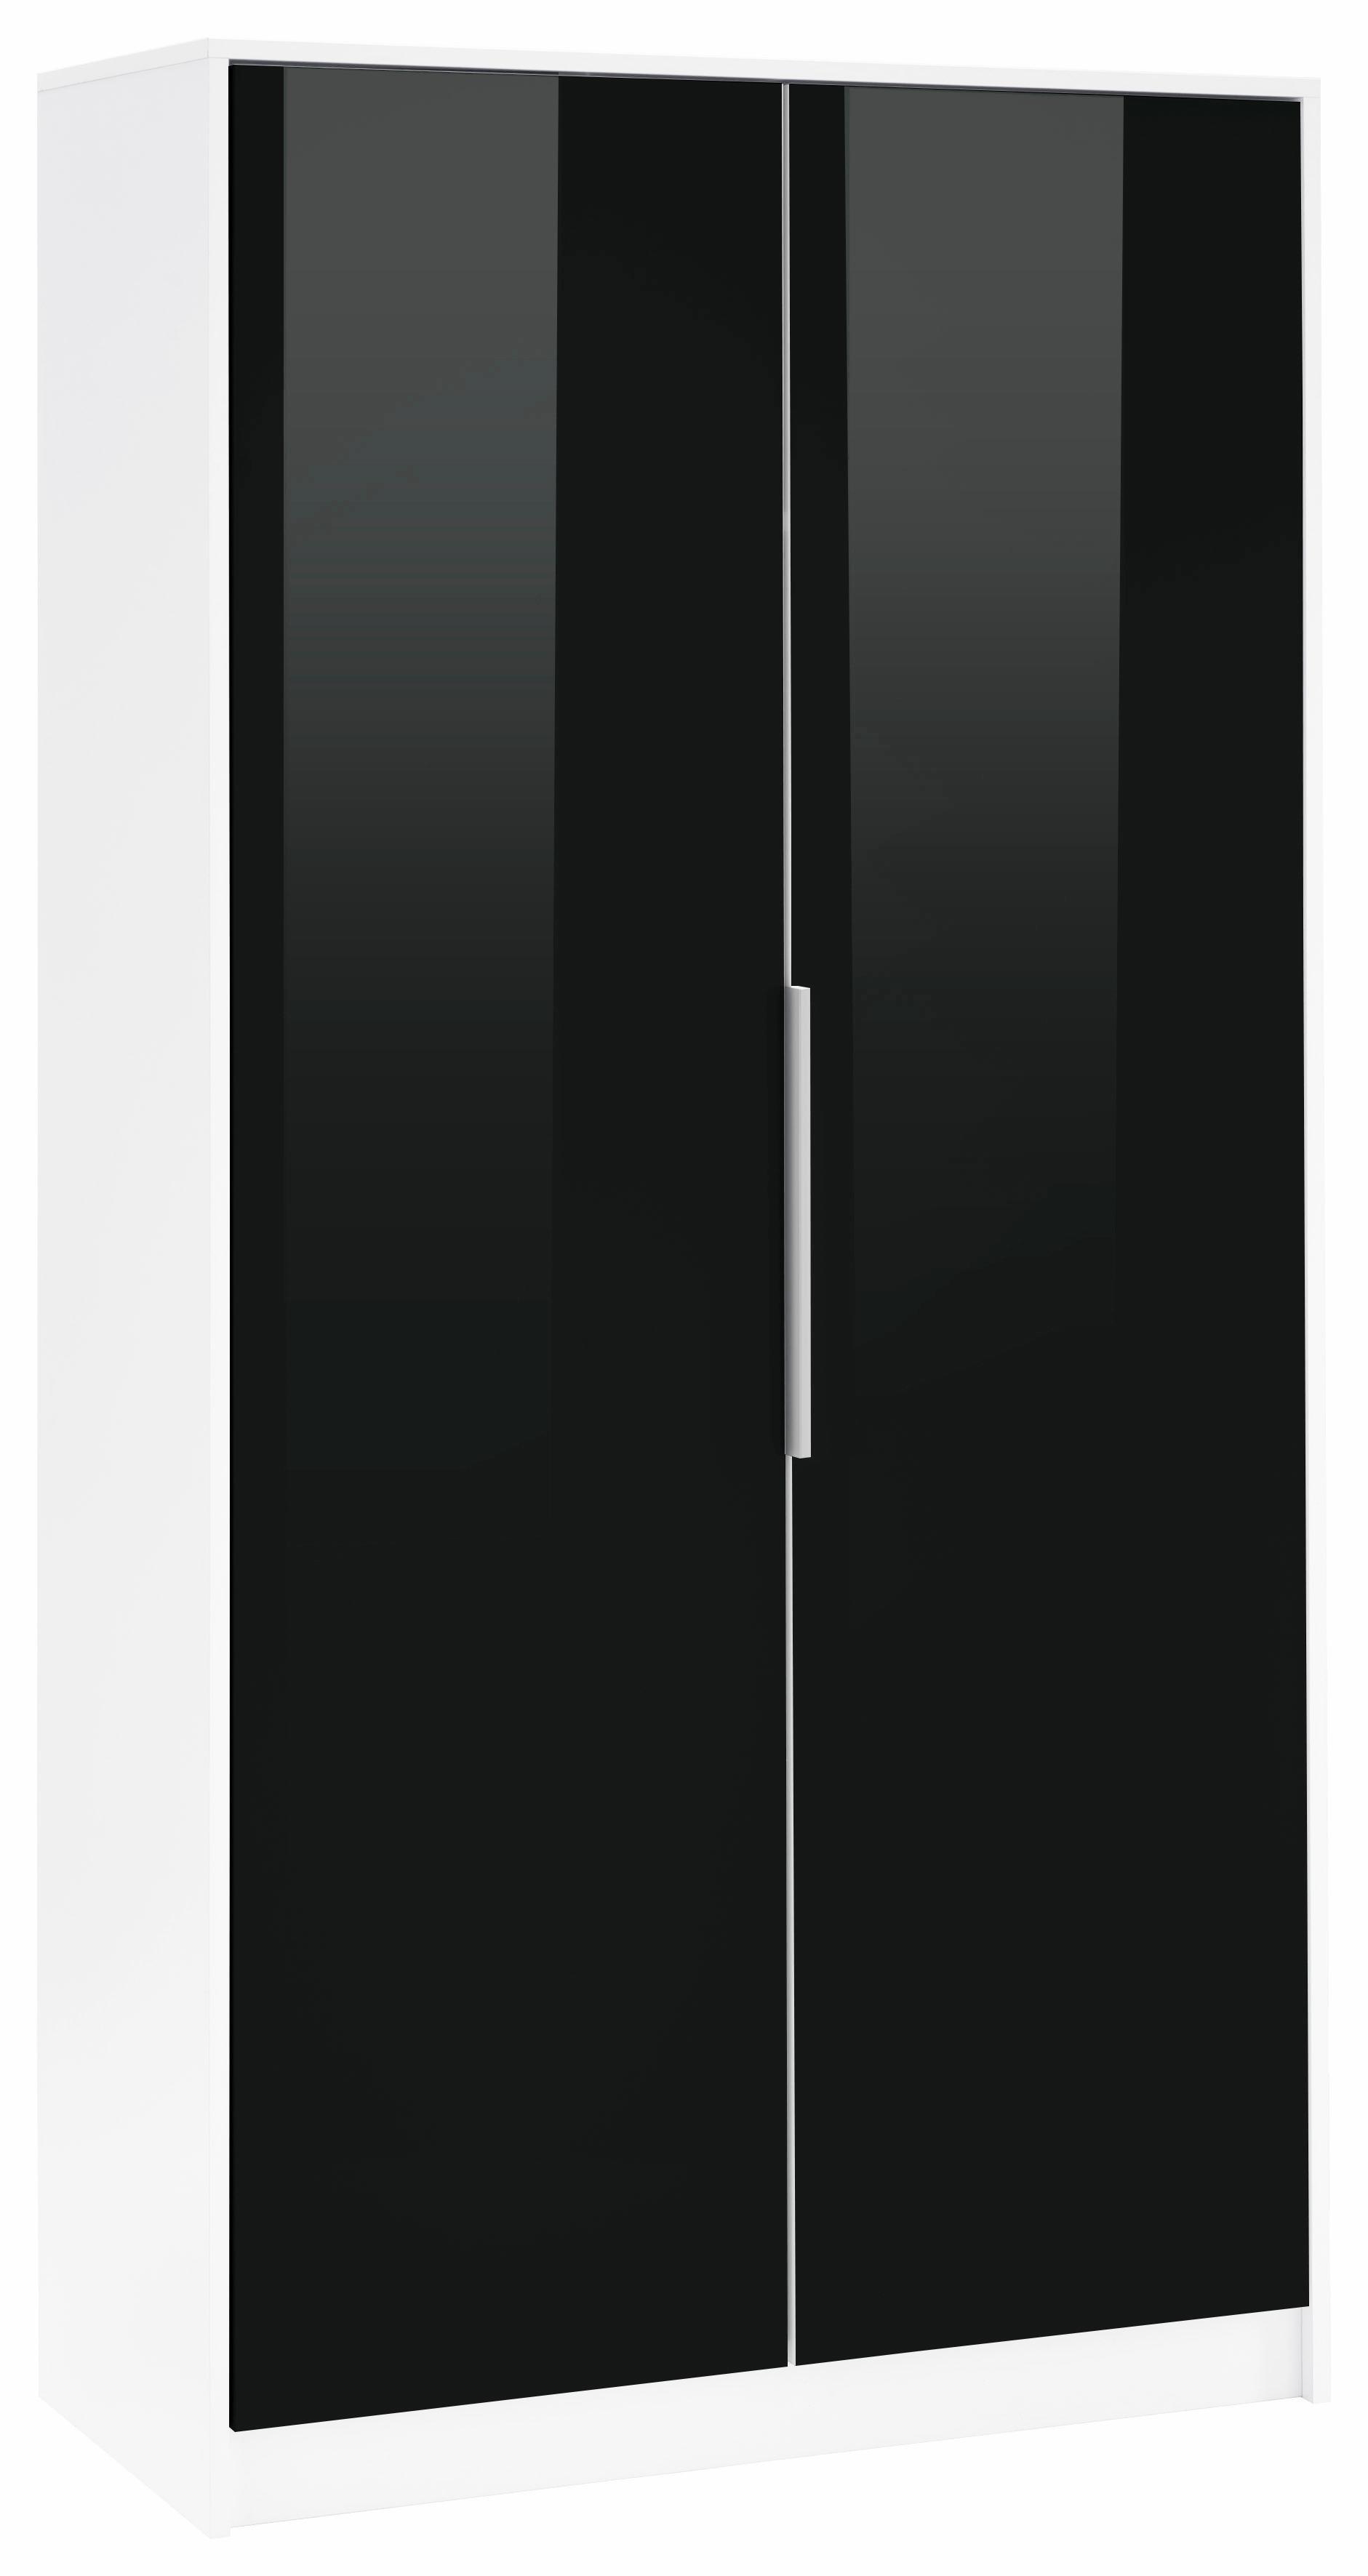 Schwarz Wo Garderobenschranke Online Kaufen Mobel Suchmaschine